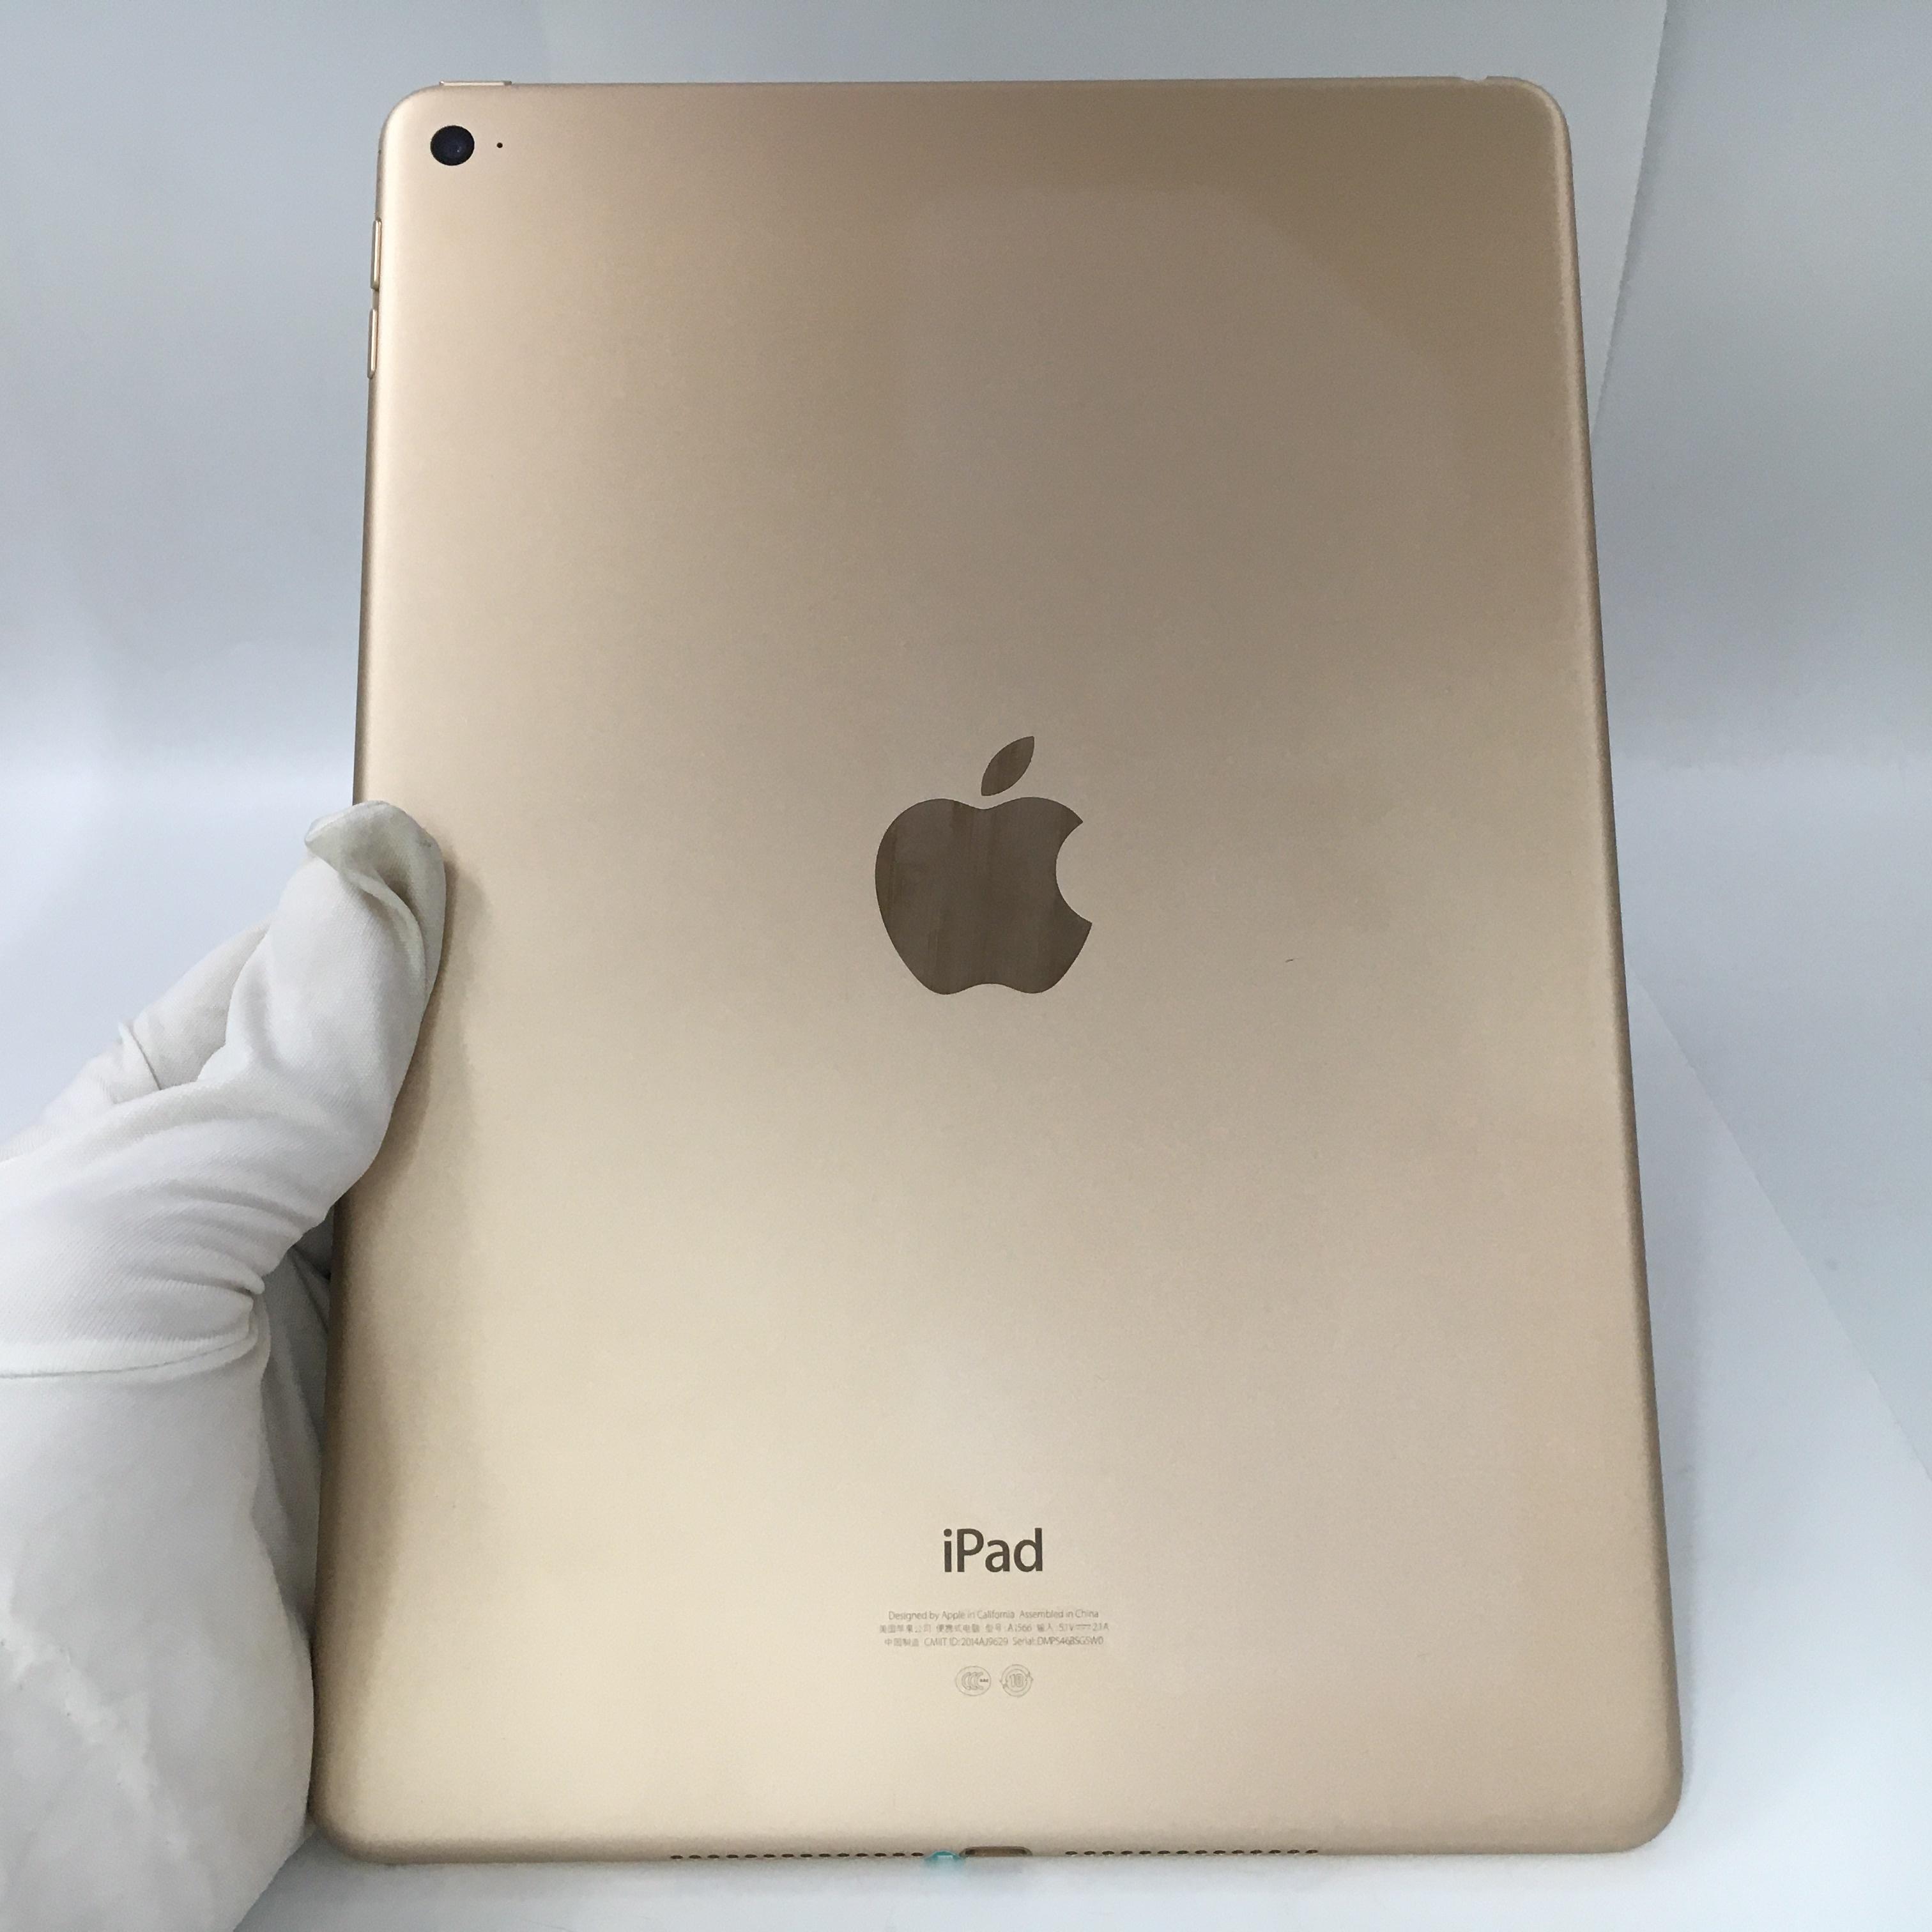 苹果【iPad Air 2】WIFI版 金色 64G 国行 8成新